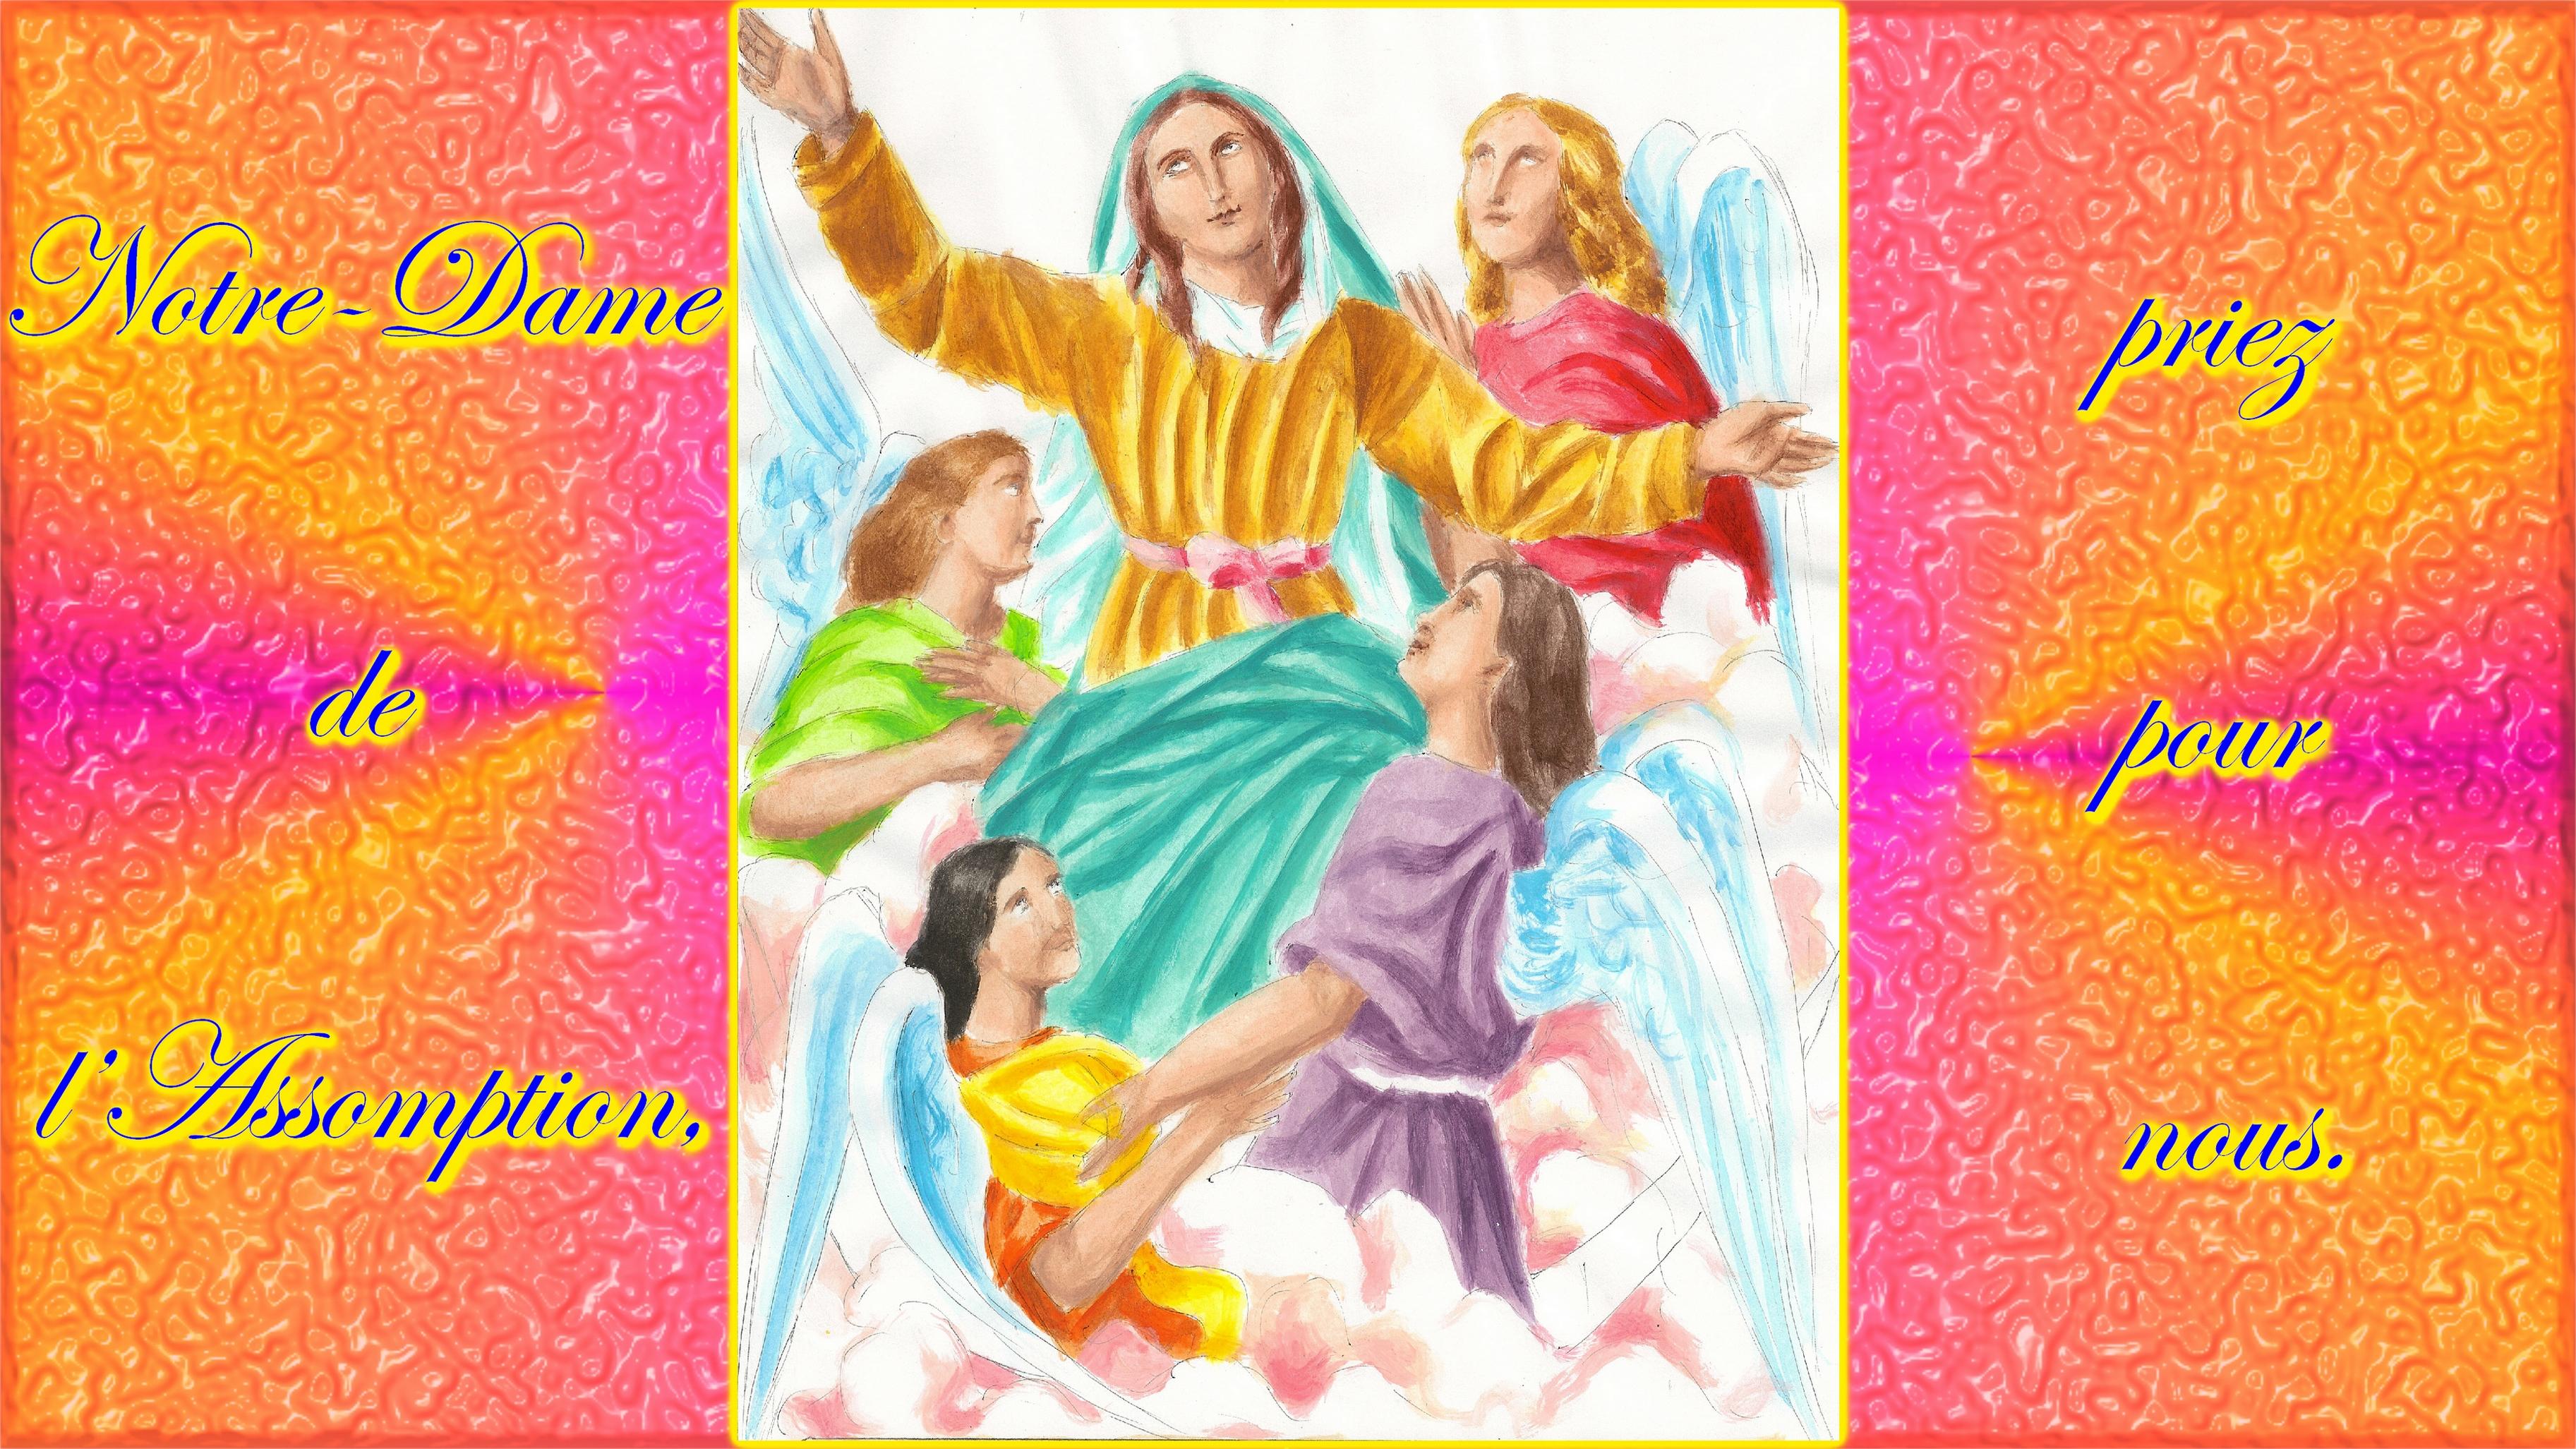 CALENDRIER CATHOLIQUE 2019 (Cantiques, Prières & Images) - Page 6 Notre-dame-de-l-a...ption-2--5648c91